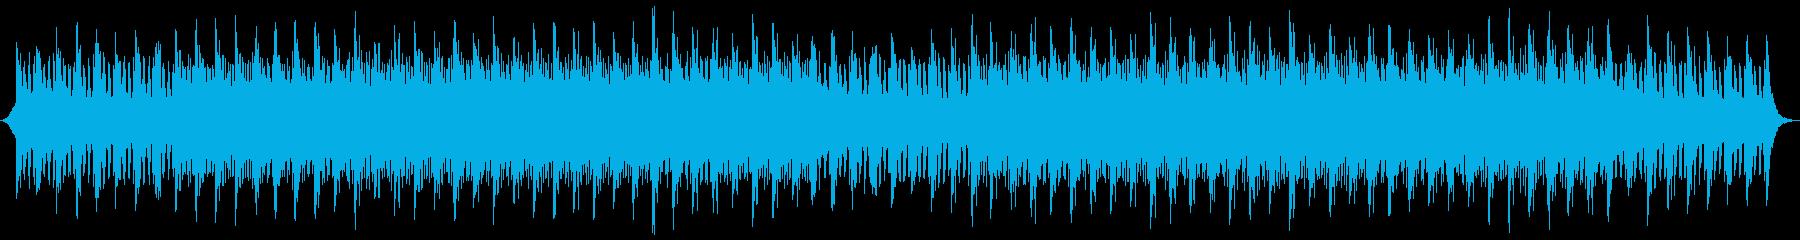 爽やか・優しい・トロピカル・EDMの再生済みの波形